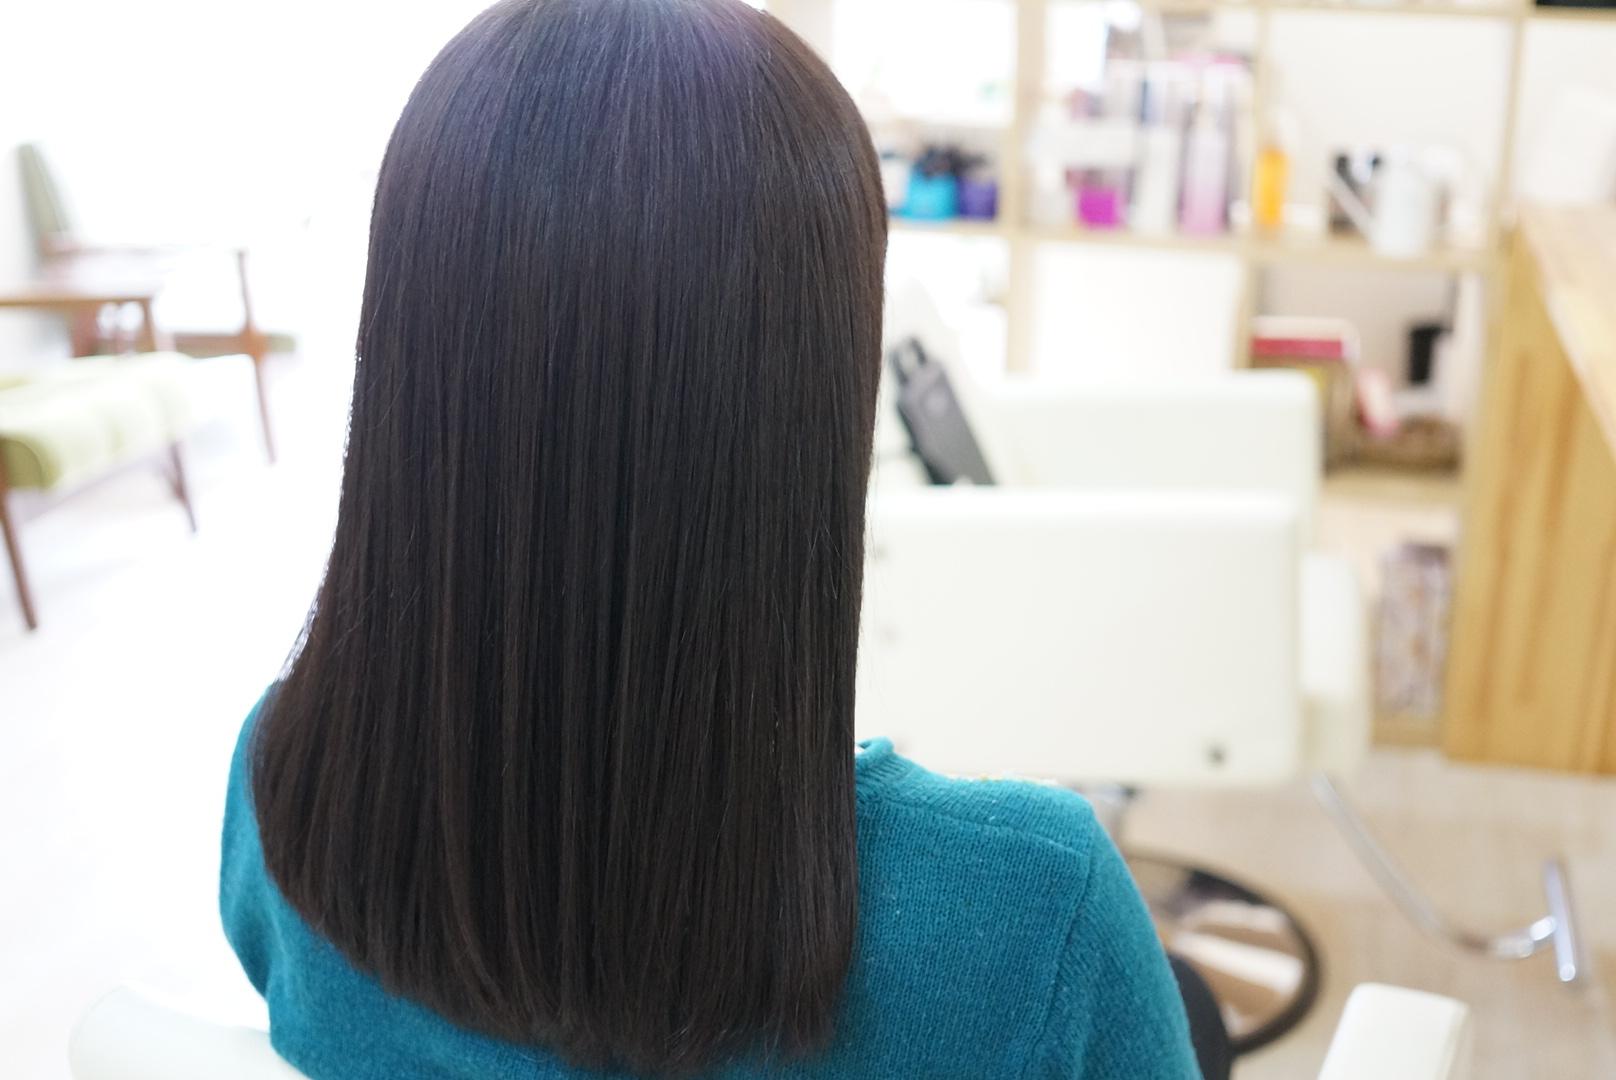 透明感のある柔らかい髪色【グレーアッシュ】